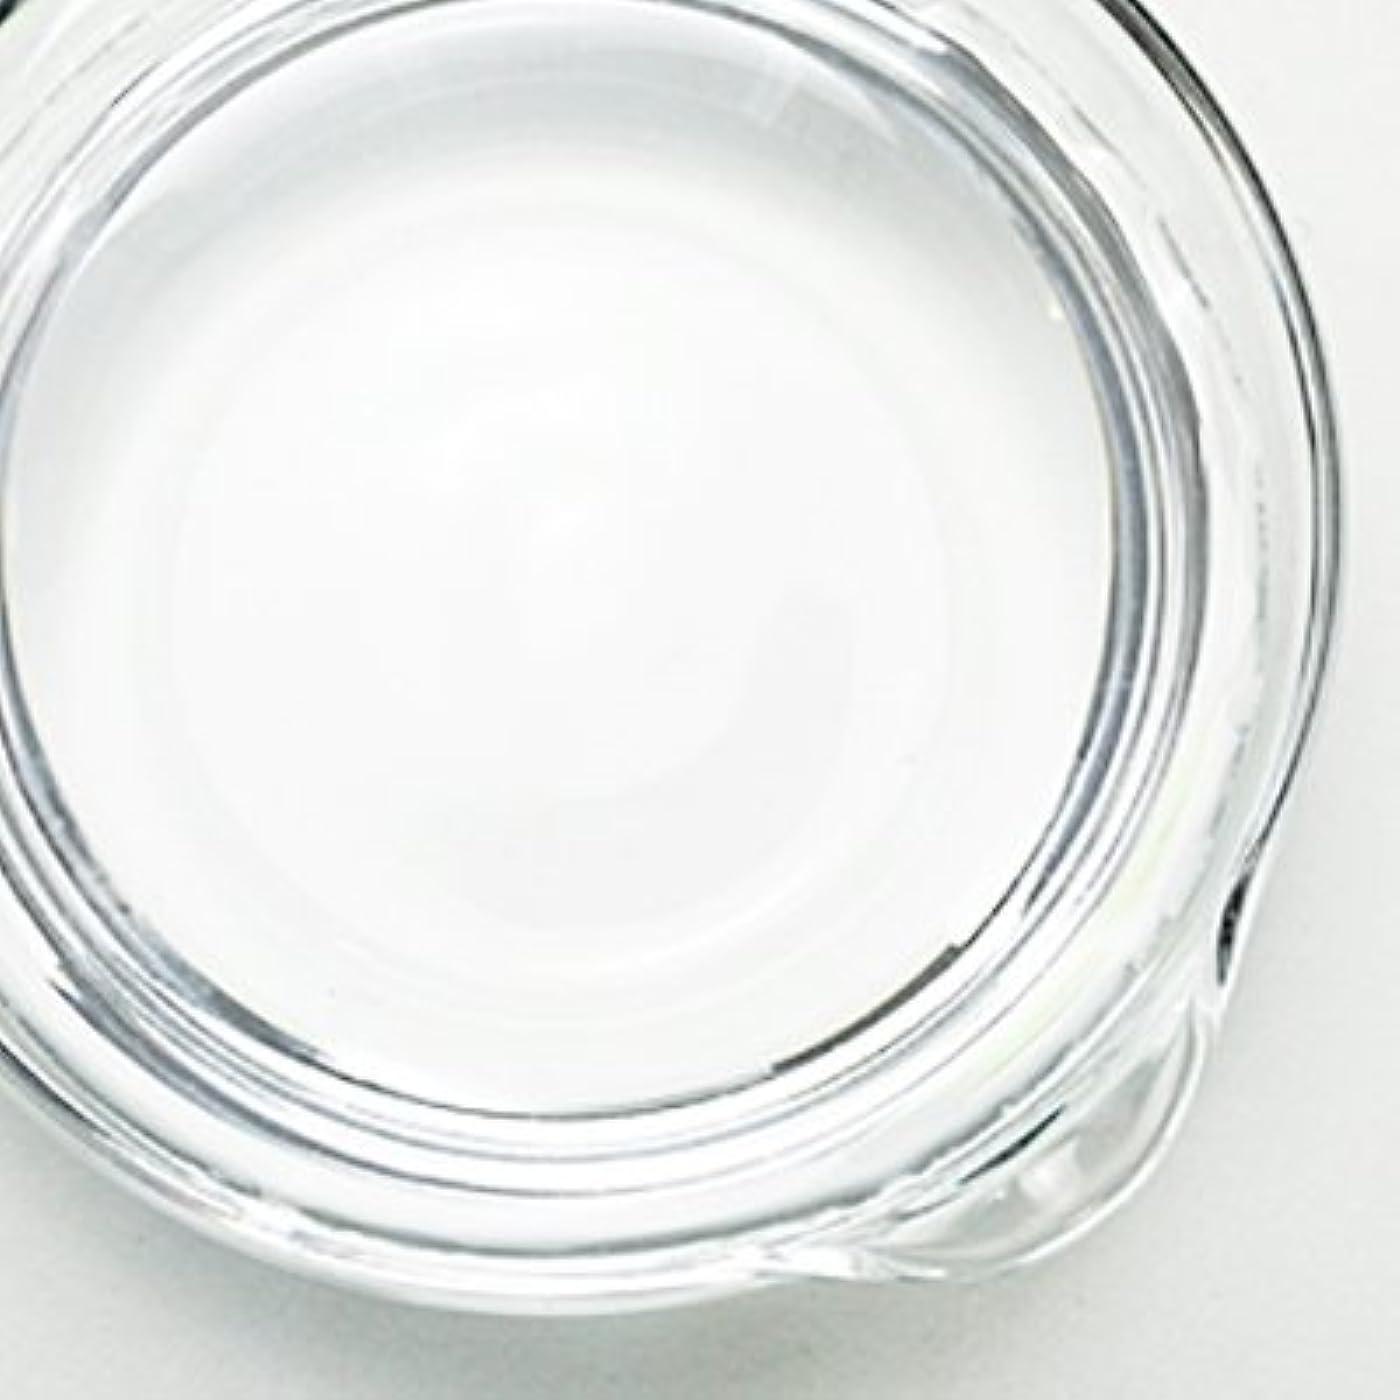 前者手がかりつかいます1,3-ブチレングリコール[BG] 100ml 【手作り石鹸/手作りコスメ】